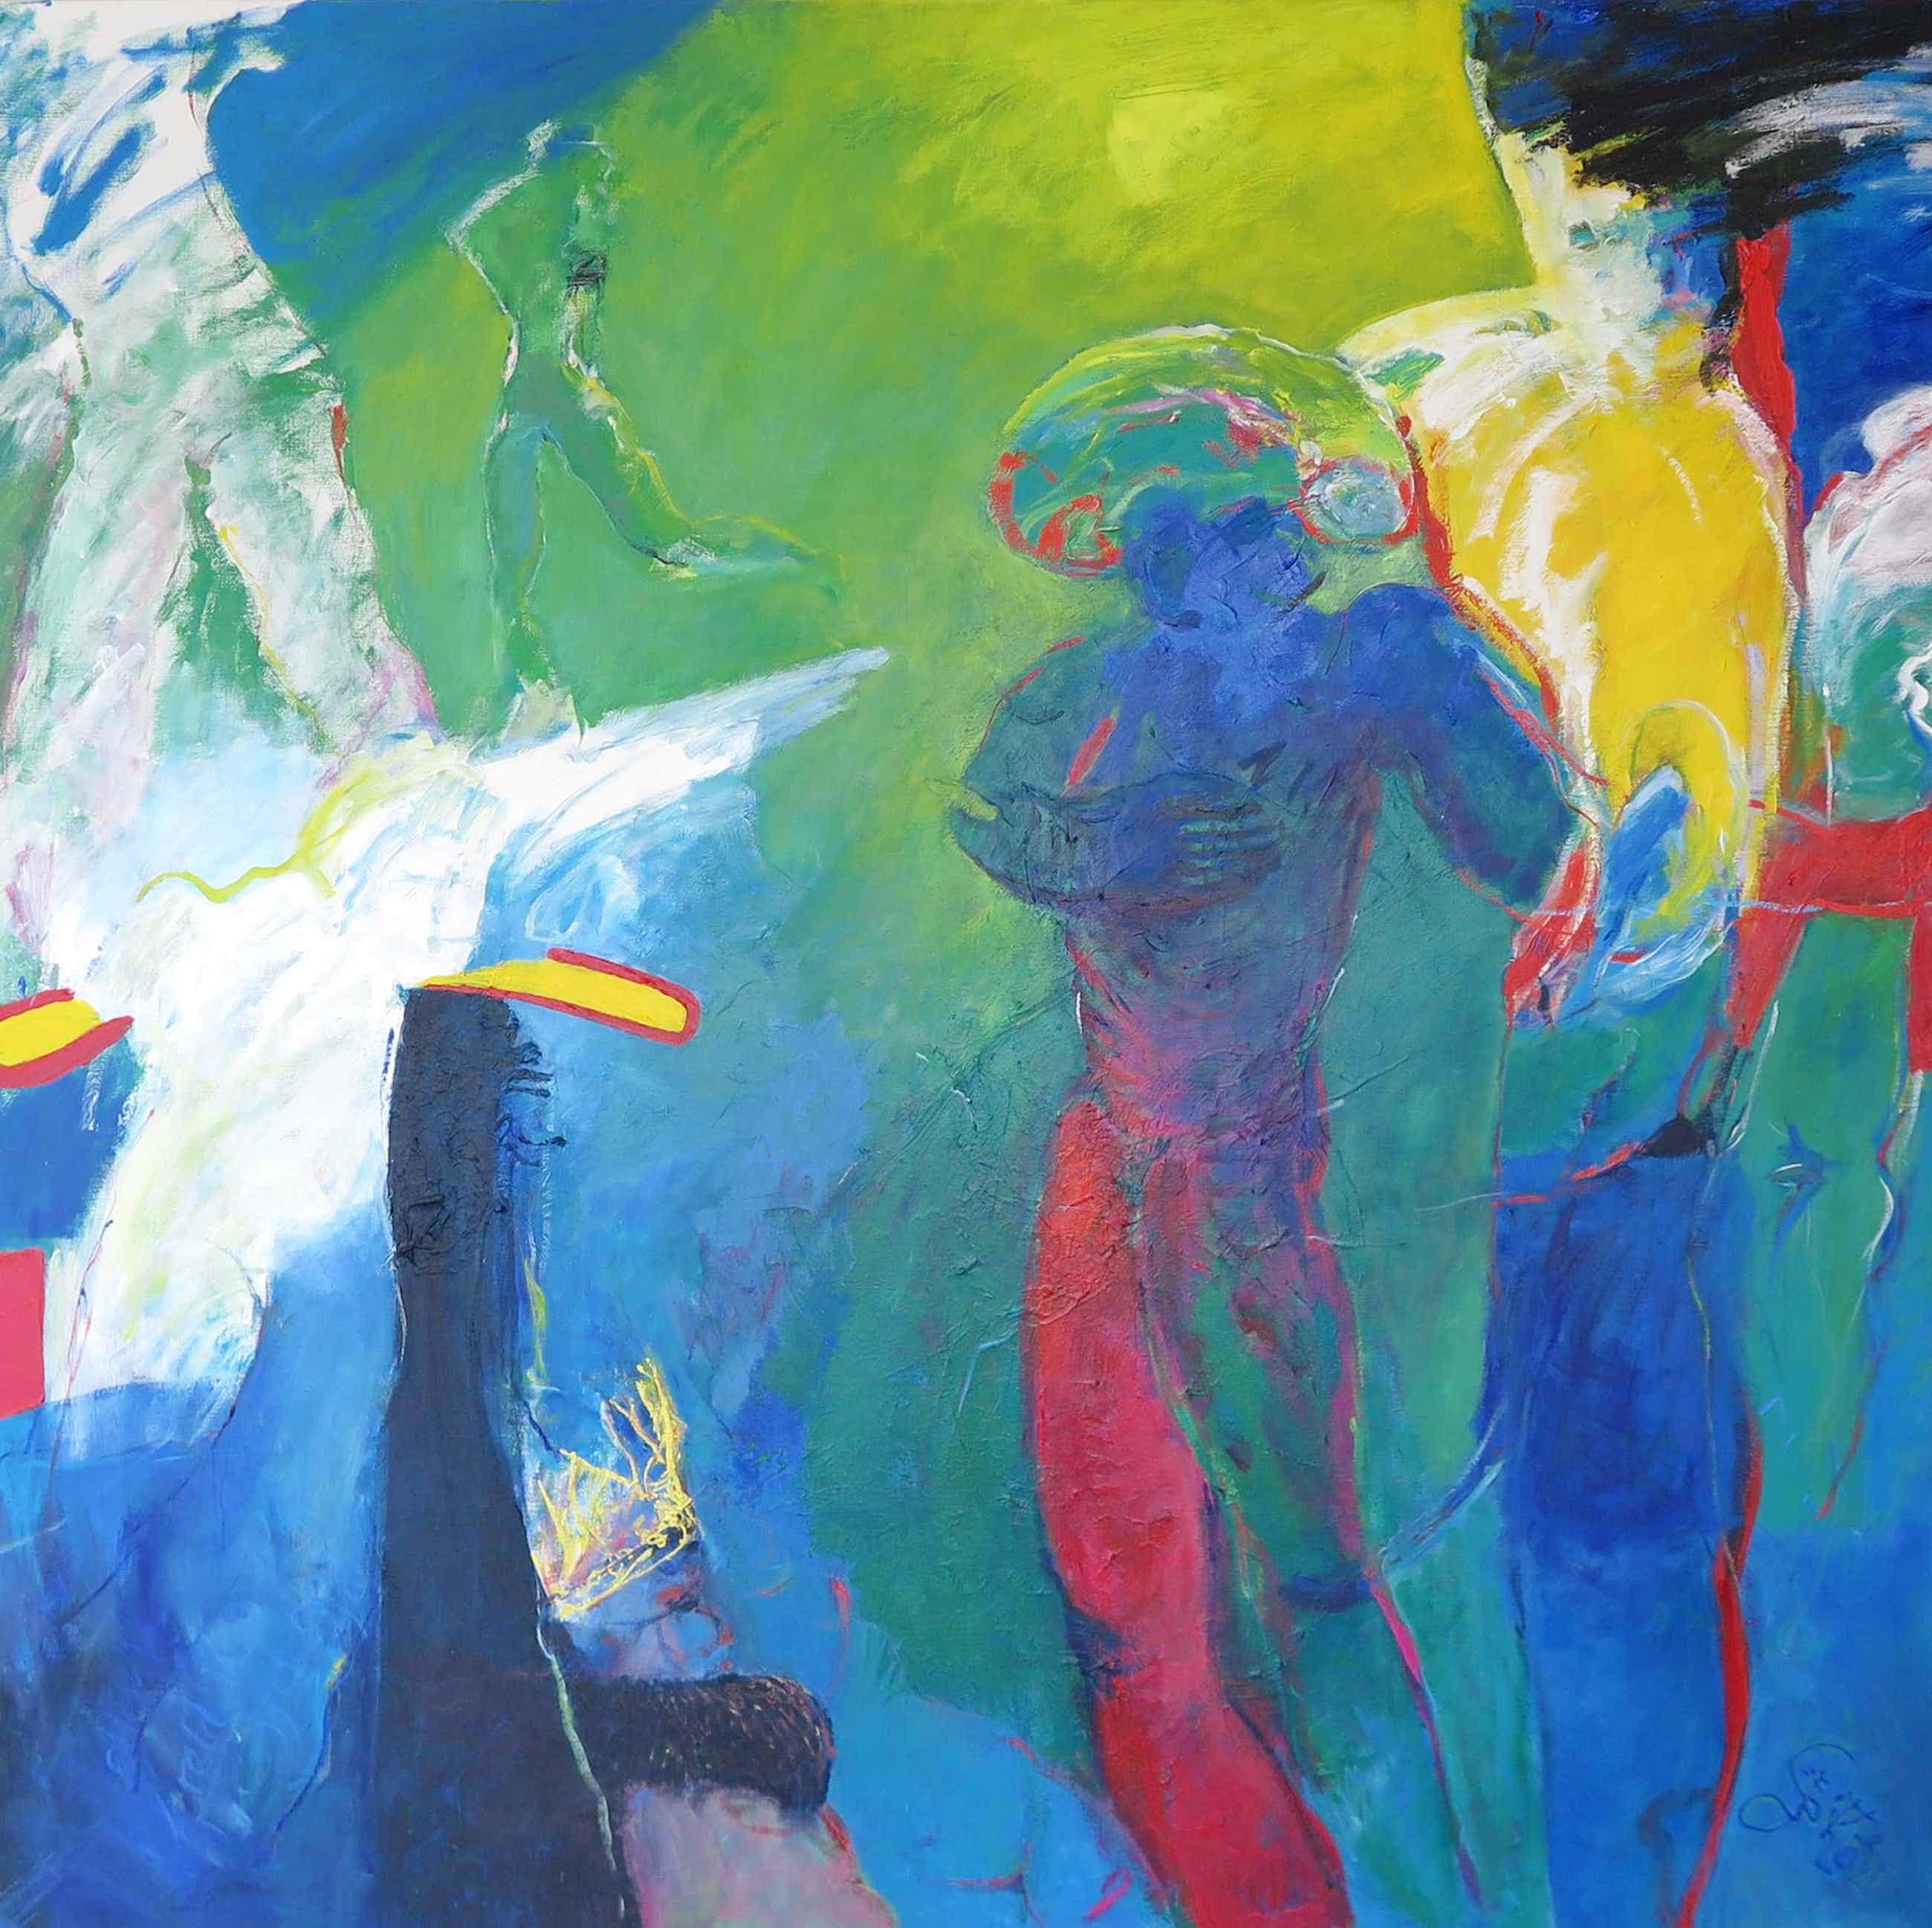 Franscz Witte - Acryl op doek, De rebelse muse (Zeer groot!) kopen? Bied vanaf 320!